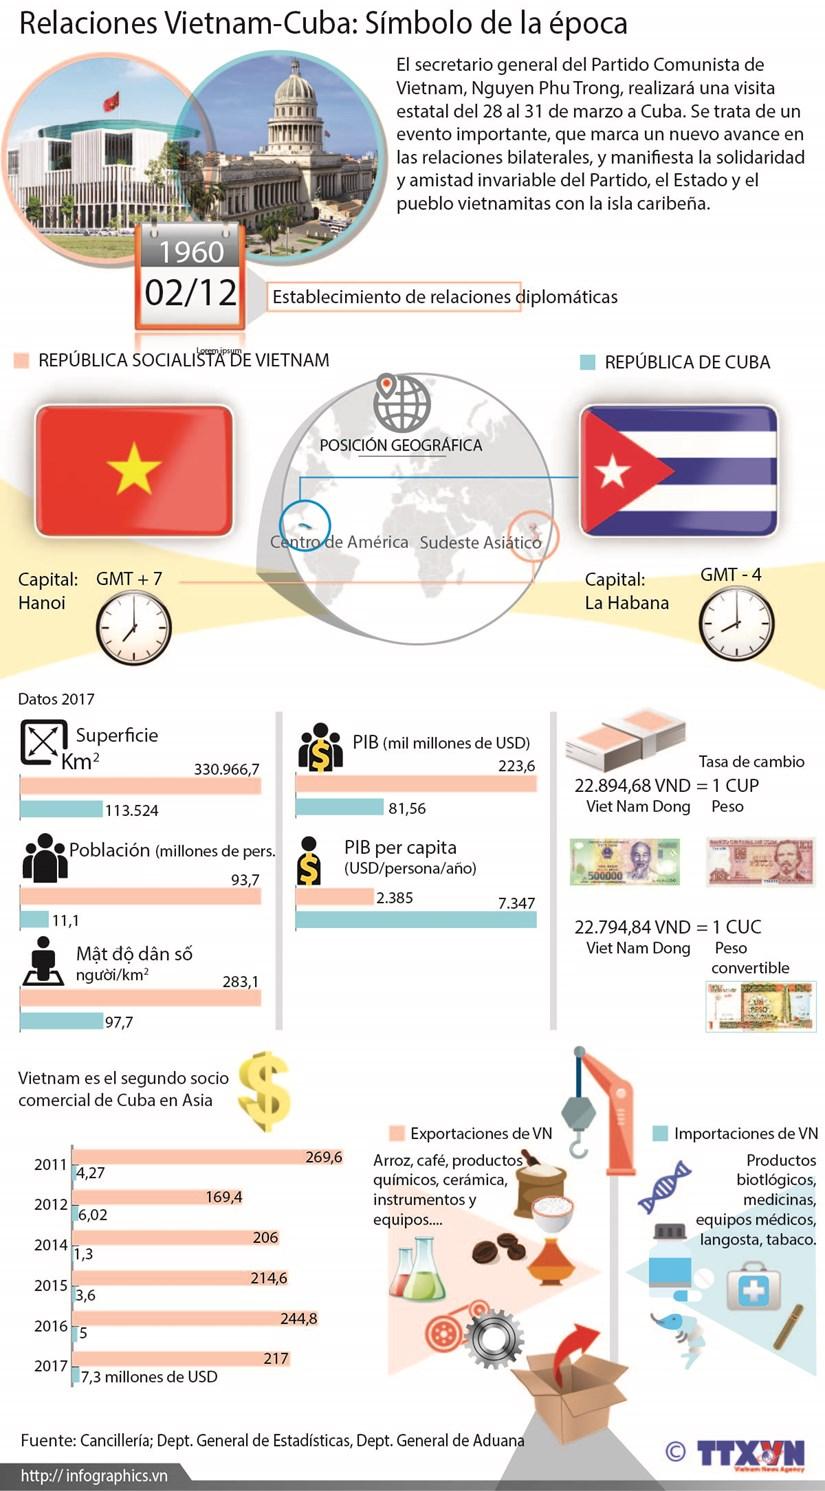 Relaciones Vietnam-Cuba: Simbolo de la epoca hinh anh 1